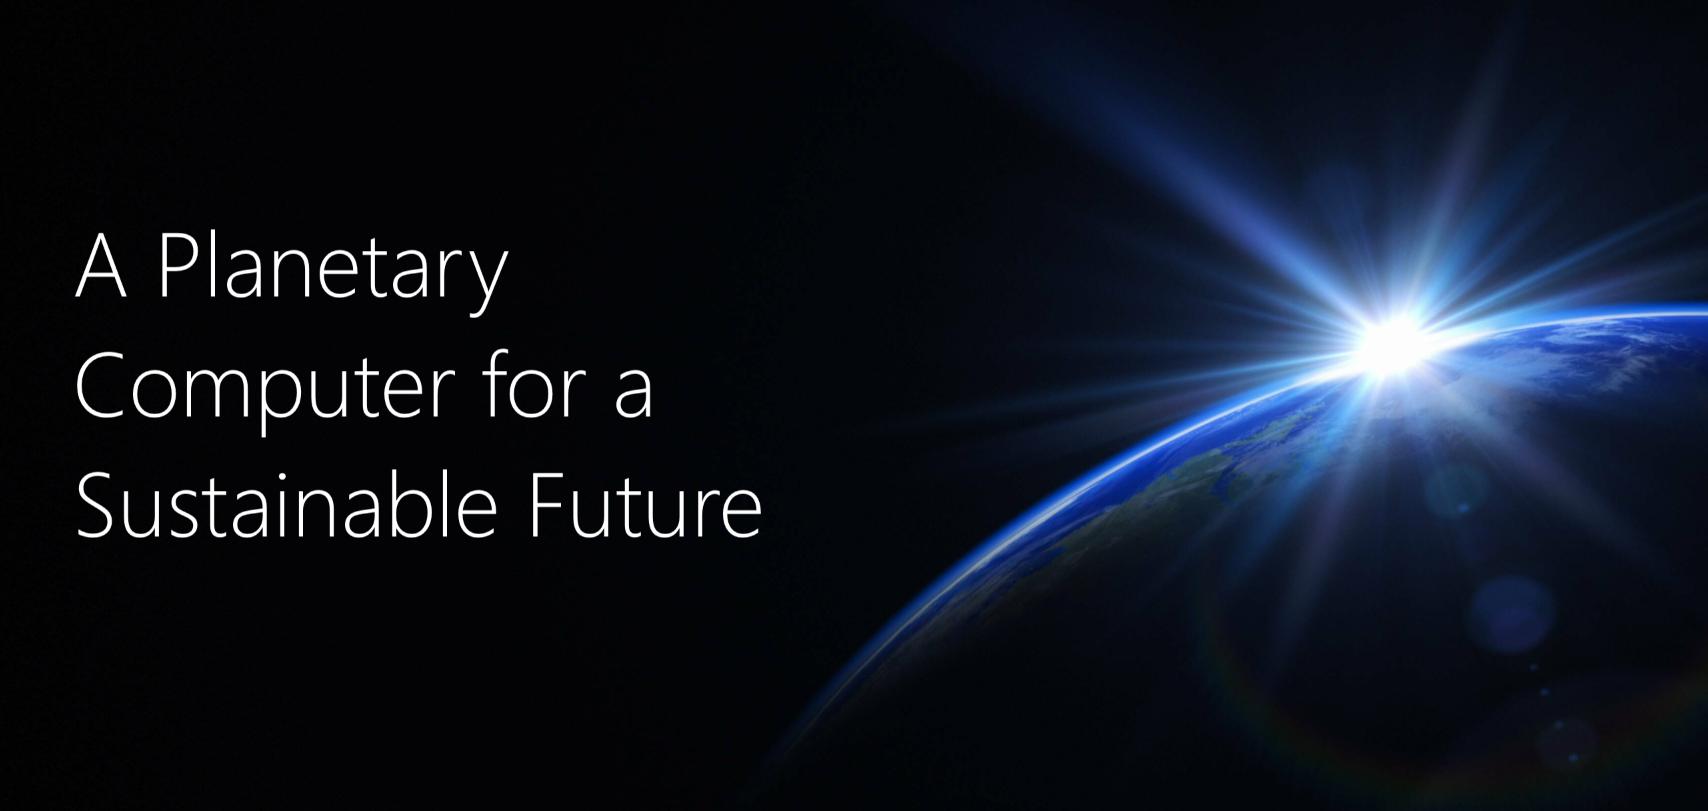 microsoft banner sulla sostenibilità